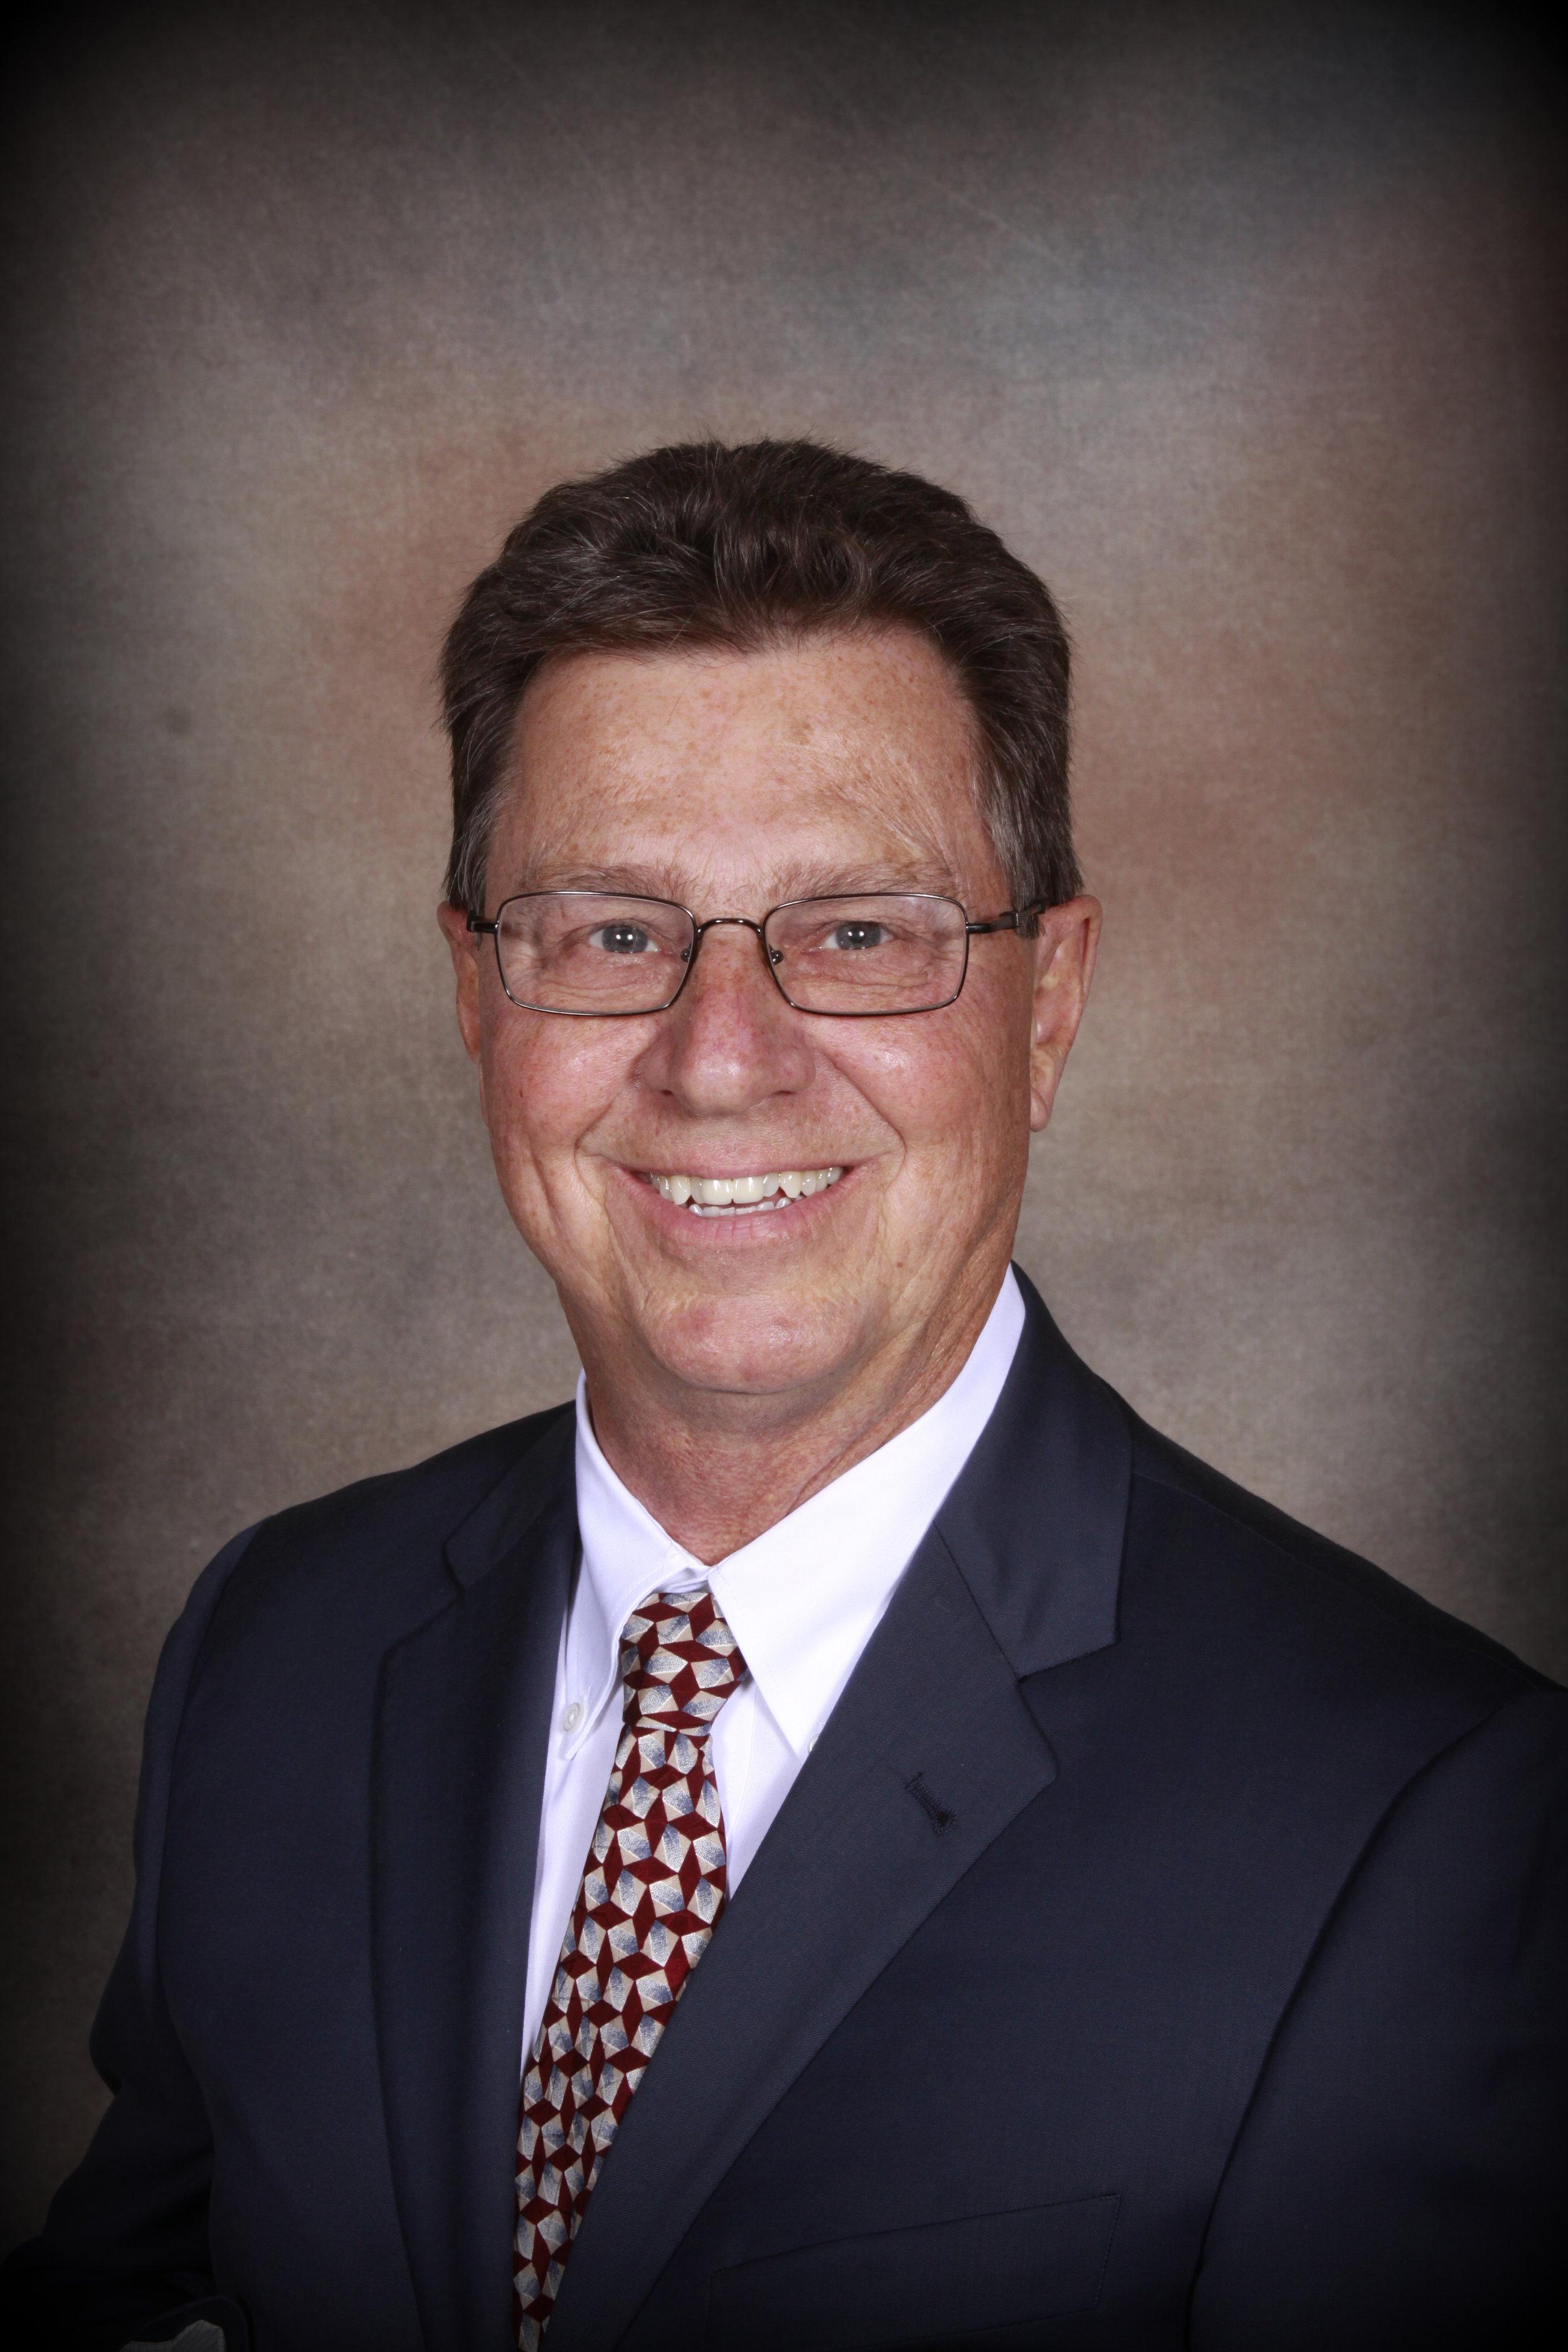 David Friedel, Board Chairperson